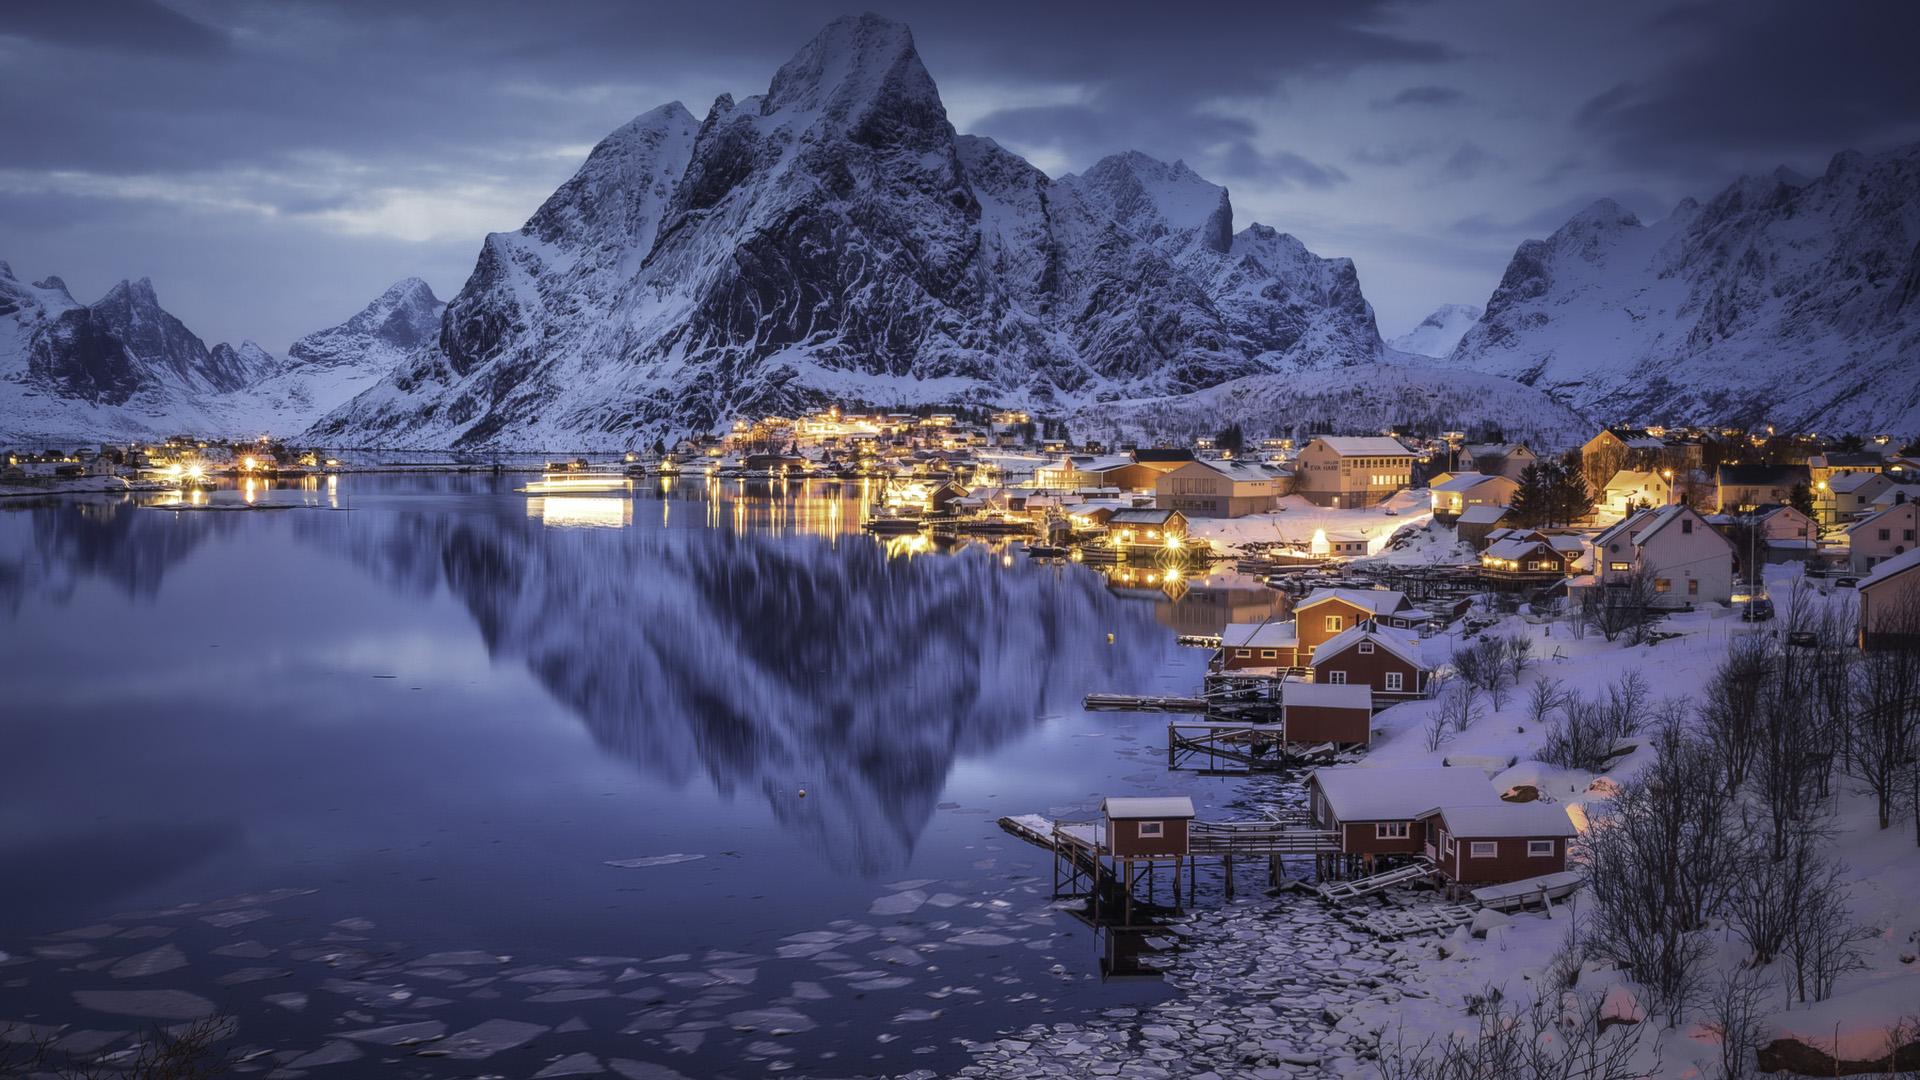 风景大片,冰天雪地,夜景,湖水,雪山